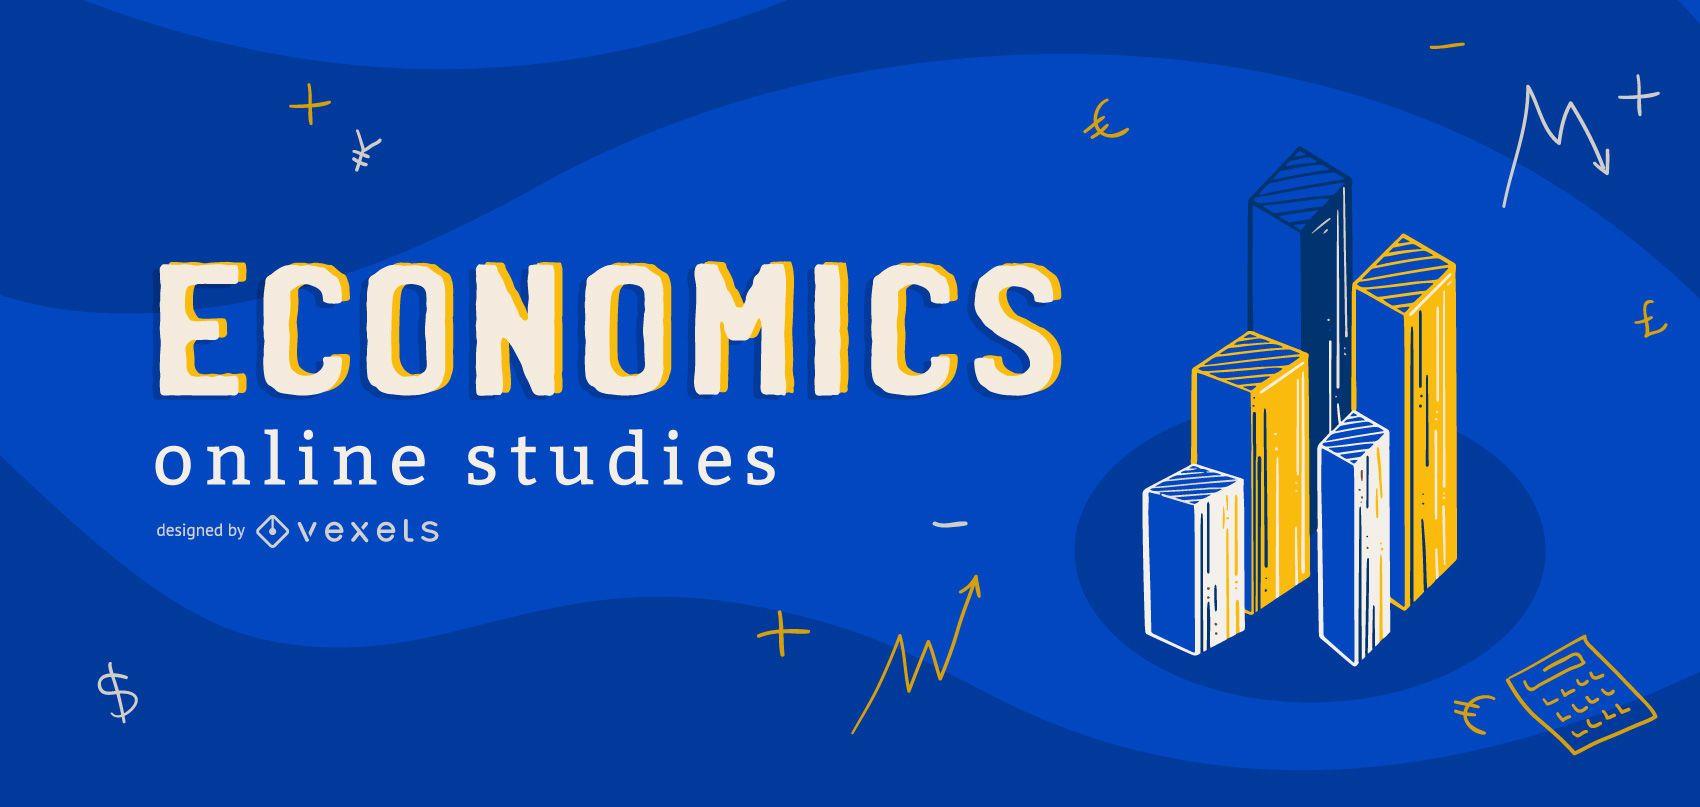 Diseño de portada de estudios en línea de economía